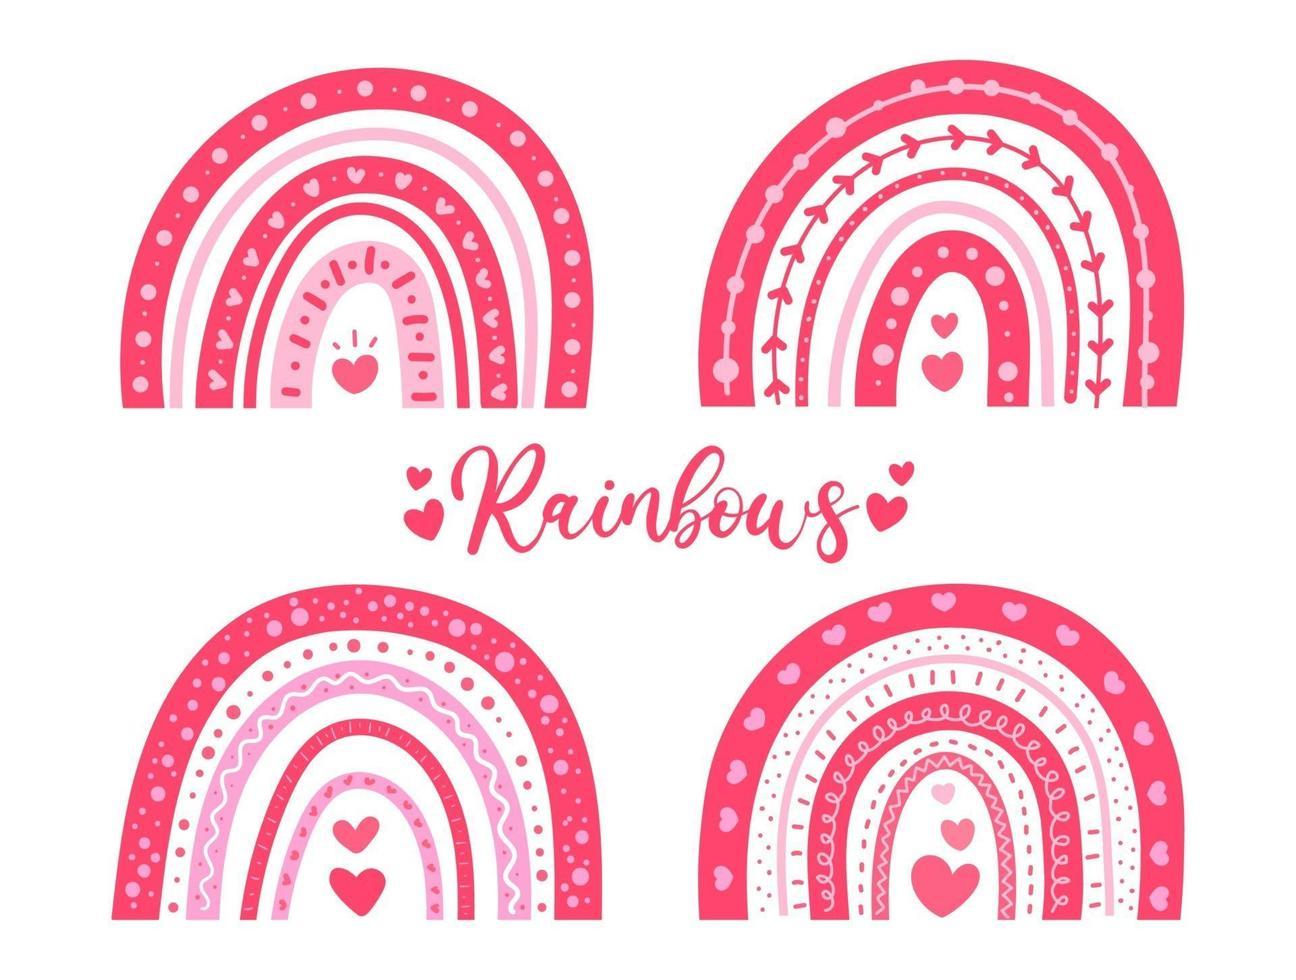 handgeschilderde schattige regenboog versierd met roze hartvorm Valentijnsdag kaart decoratie-ideeën vector